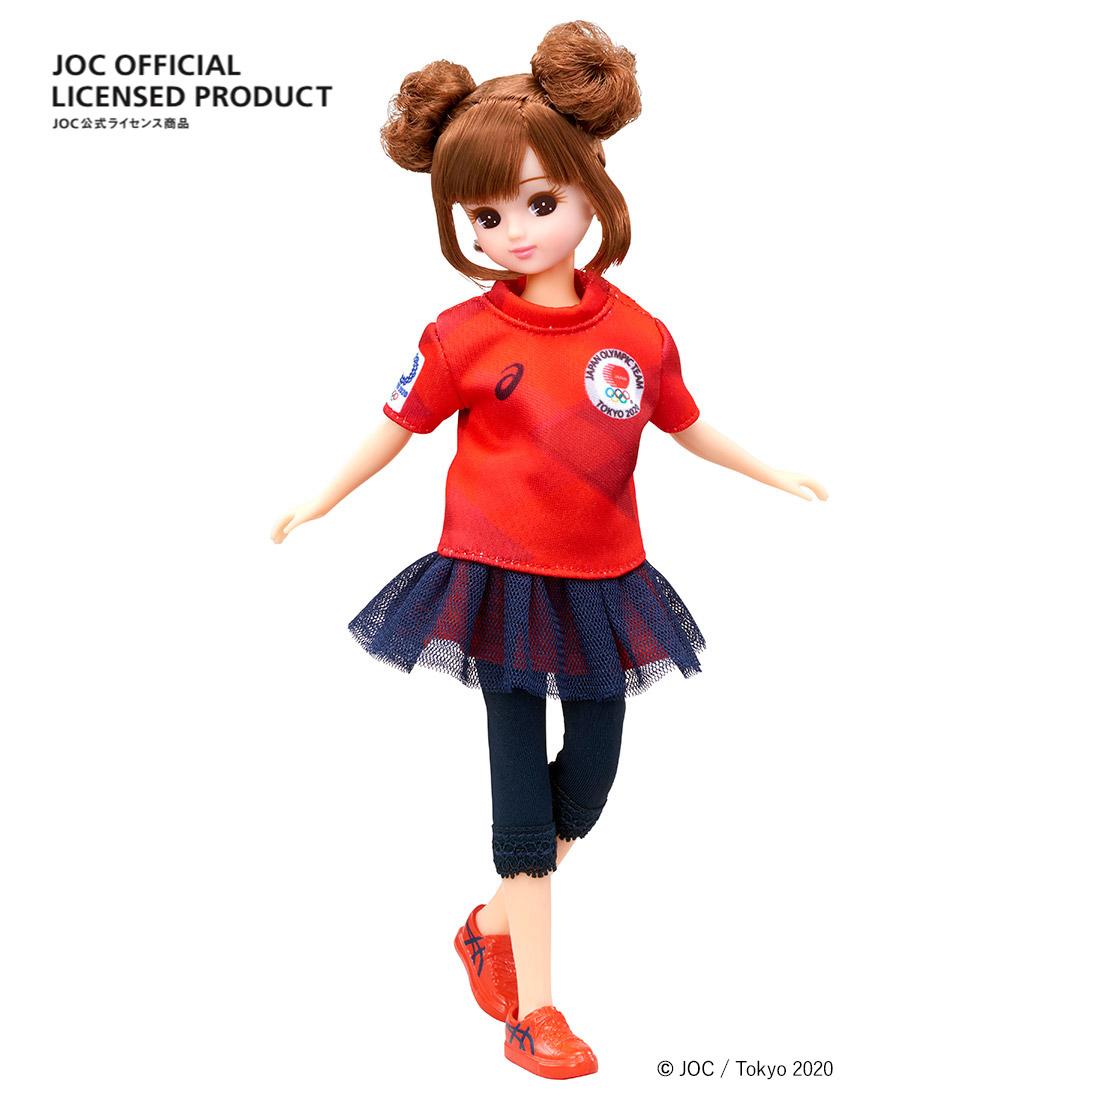 【限定販売】JOC公式ライセンス商品『サポーターリカちゃん』完成品ドール-001